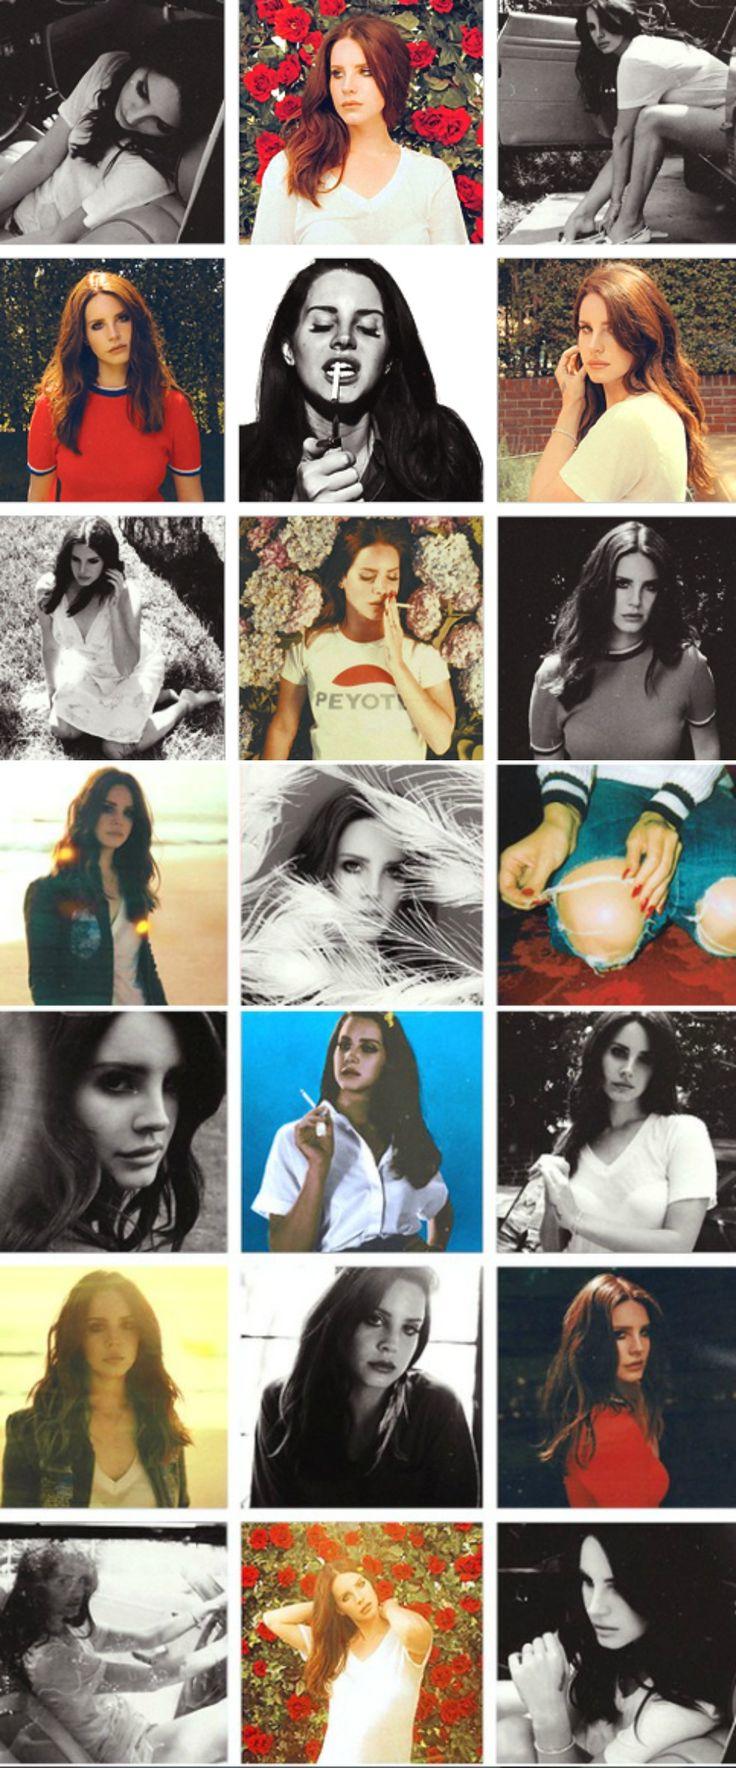 Lana Del Rey #LDR (Ultraviolence Era)